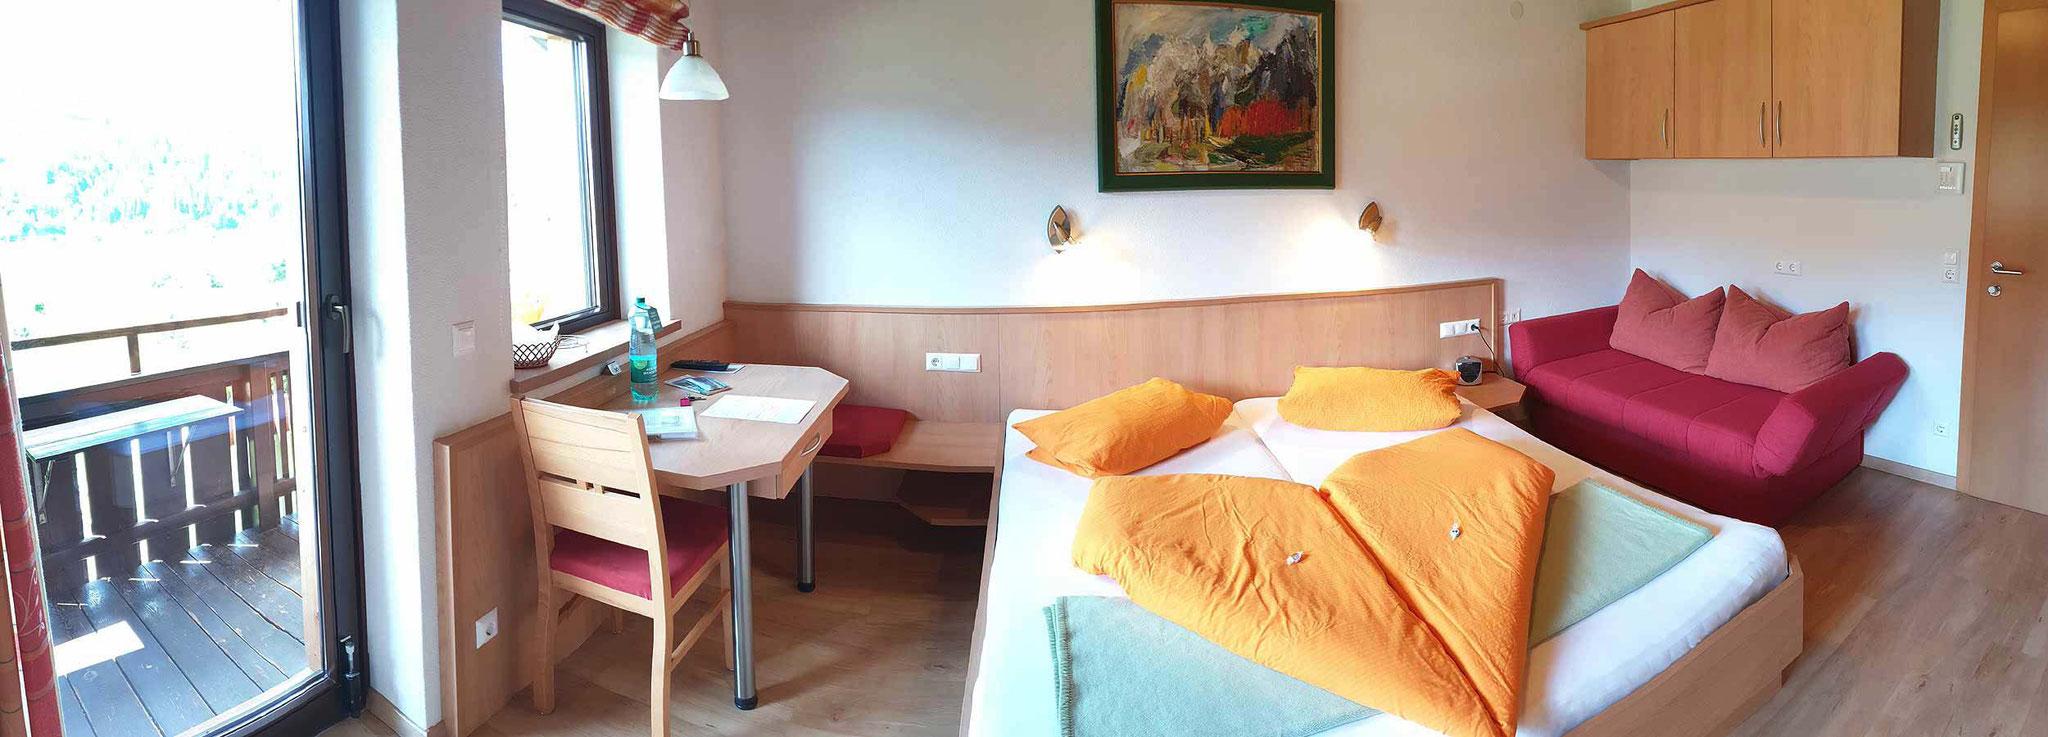 Schlafzimmer 2 für maximal 3 Personen